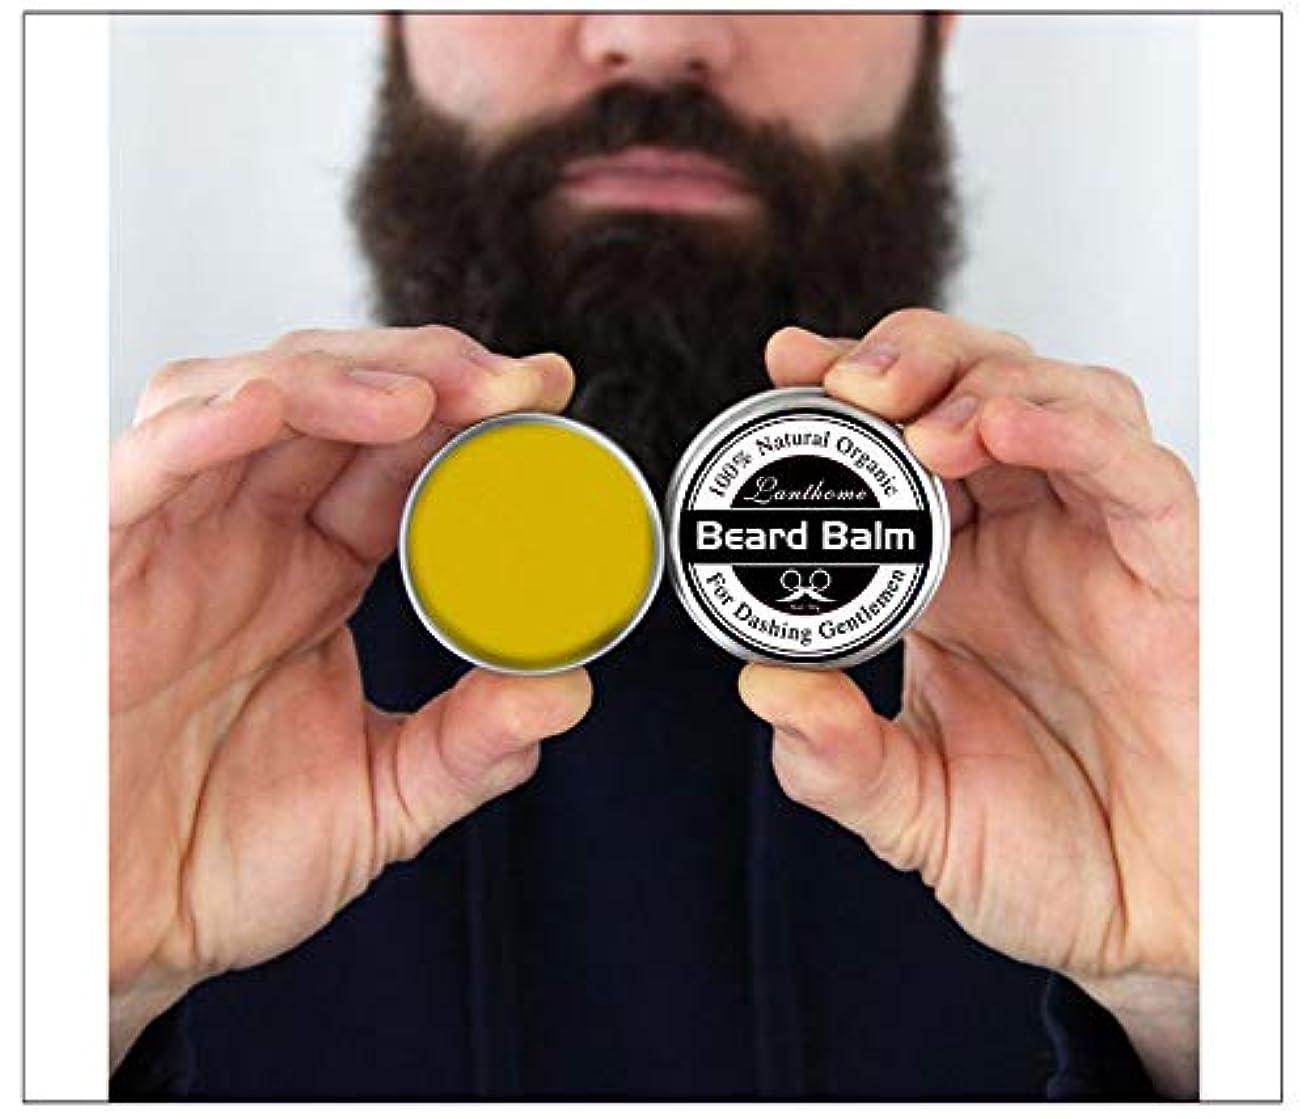 慰め請負業者解体する3pcs X Top Quality 30gr Natural Beard Conditioner Beard Balm For Beard Growth And Organic Moustache Wax For Beard...